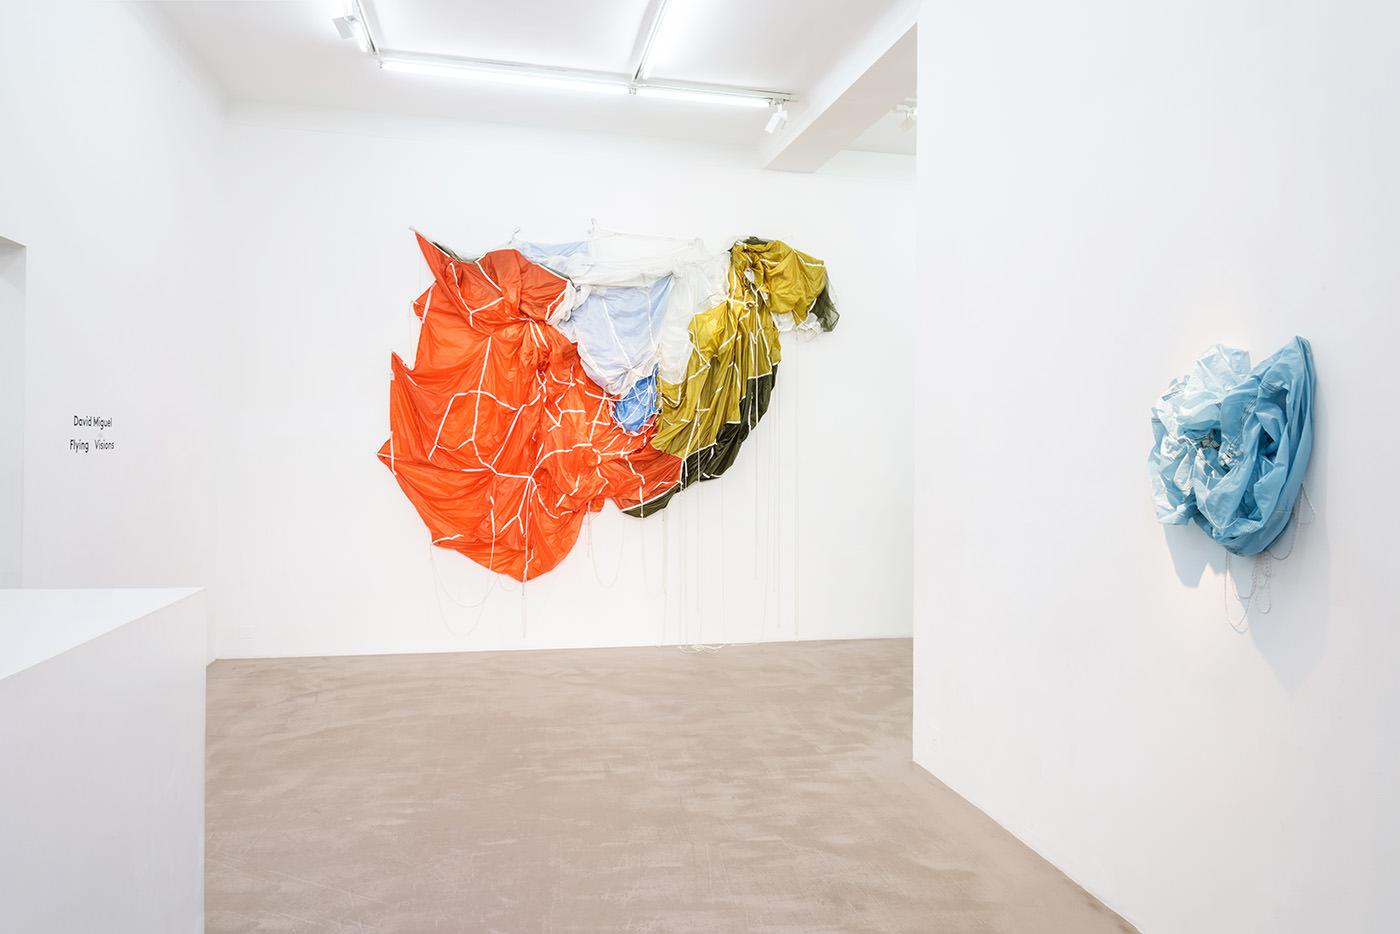 Flying Visions par David Miguel, du 12 septembre 2015 au 31 octobre 2015 à la Next Level Galerie,8, rue Charlot, 75003 Paris,www.nextlevelgalerie.com